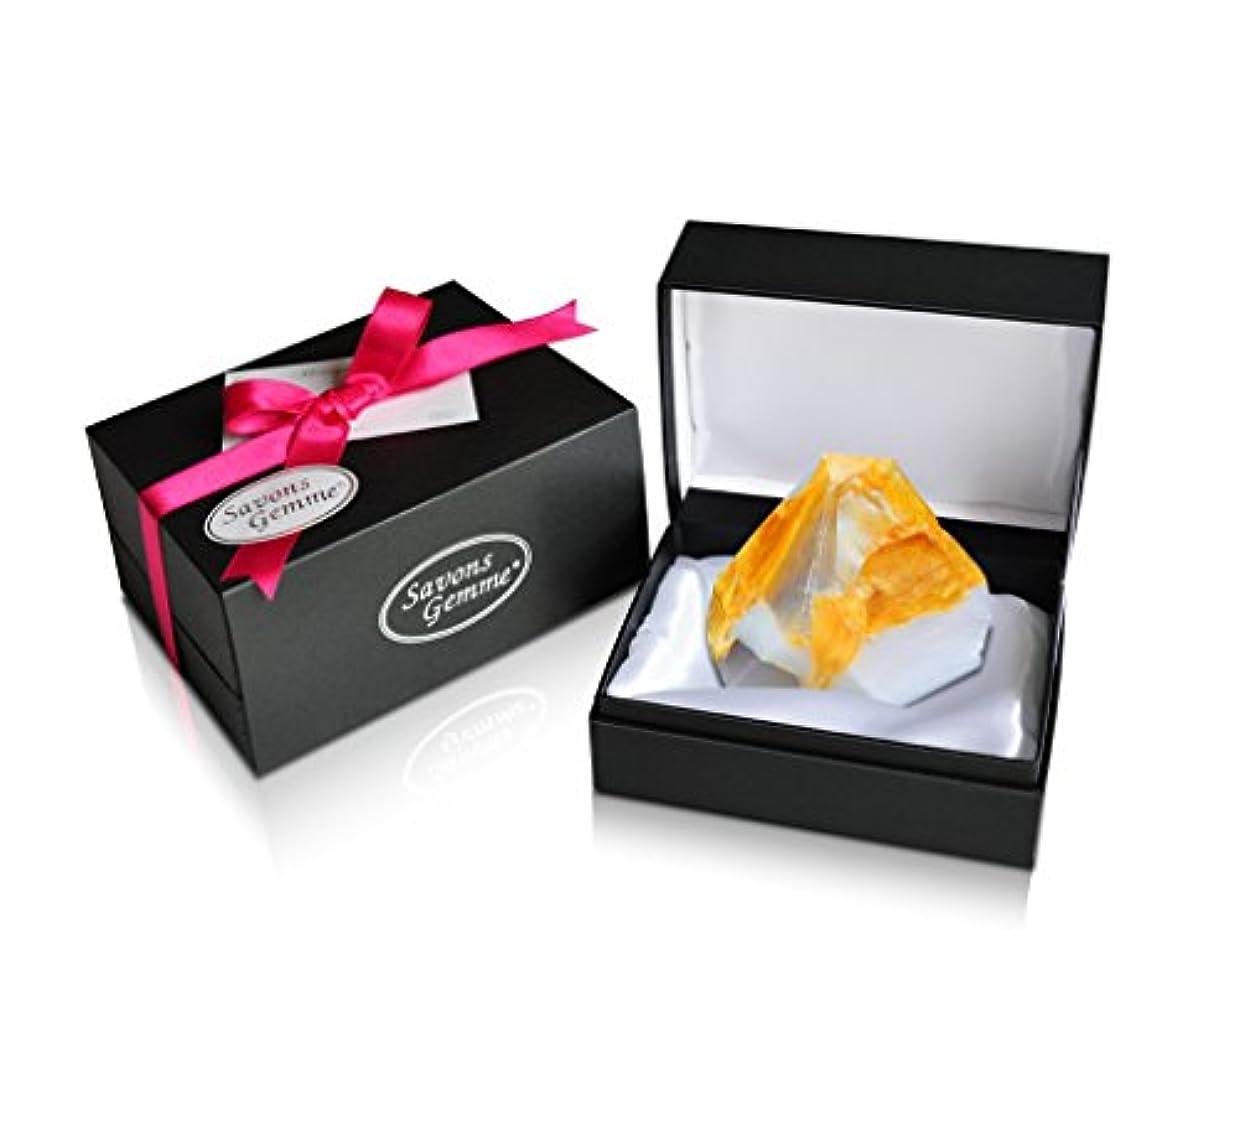 涙妻聖職者Savons Gemme サボンジェム ジュエリーギフトボックス 世界で一番美しい宝石石鹸 フレグランス ソープ 宝石箱のようなラグジュアリー感を演出 アルバトールオリエンタル 170g 【日本総代理店品】